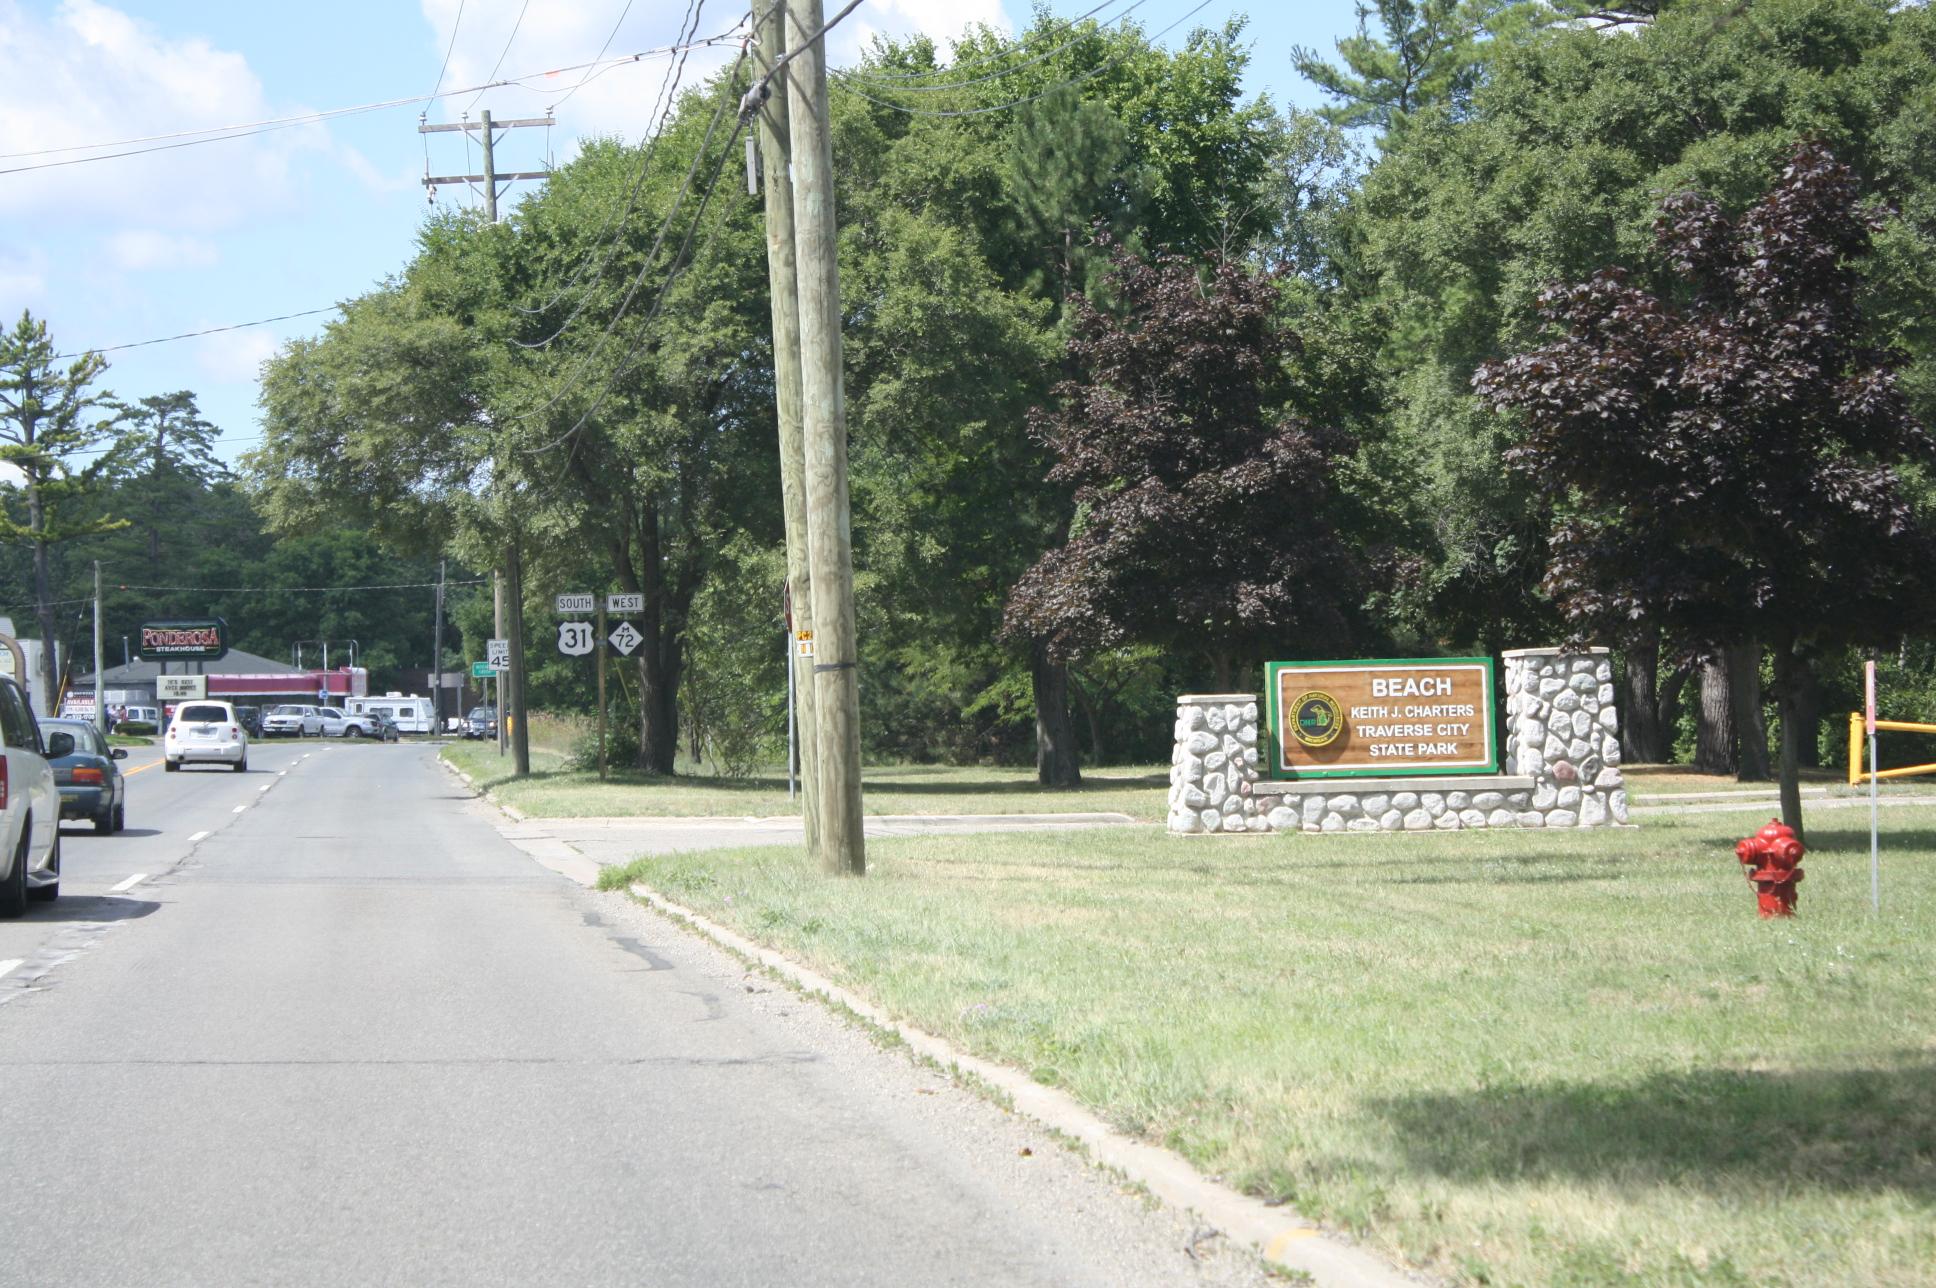 File:Traverse City State Park Traverse City Michigan.jpg - Wikimedia Commons